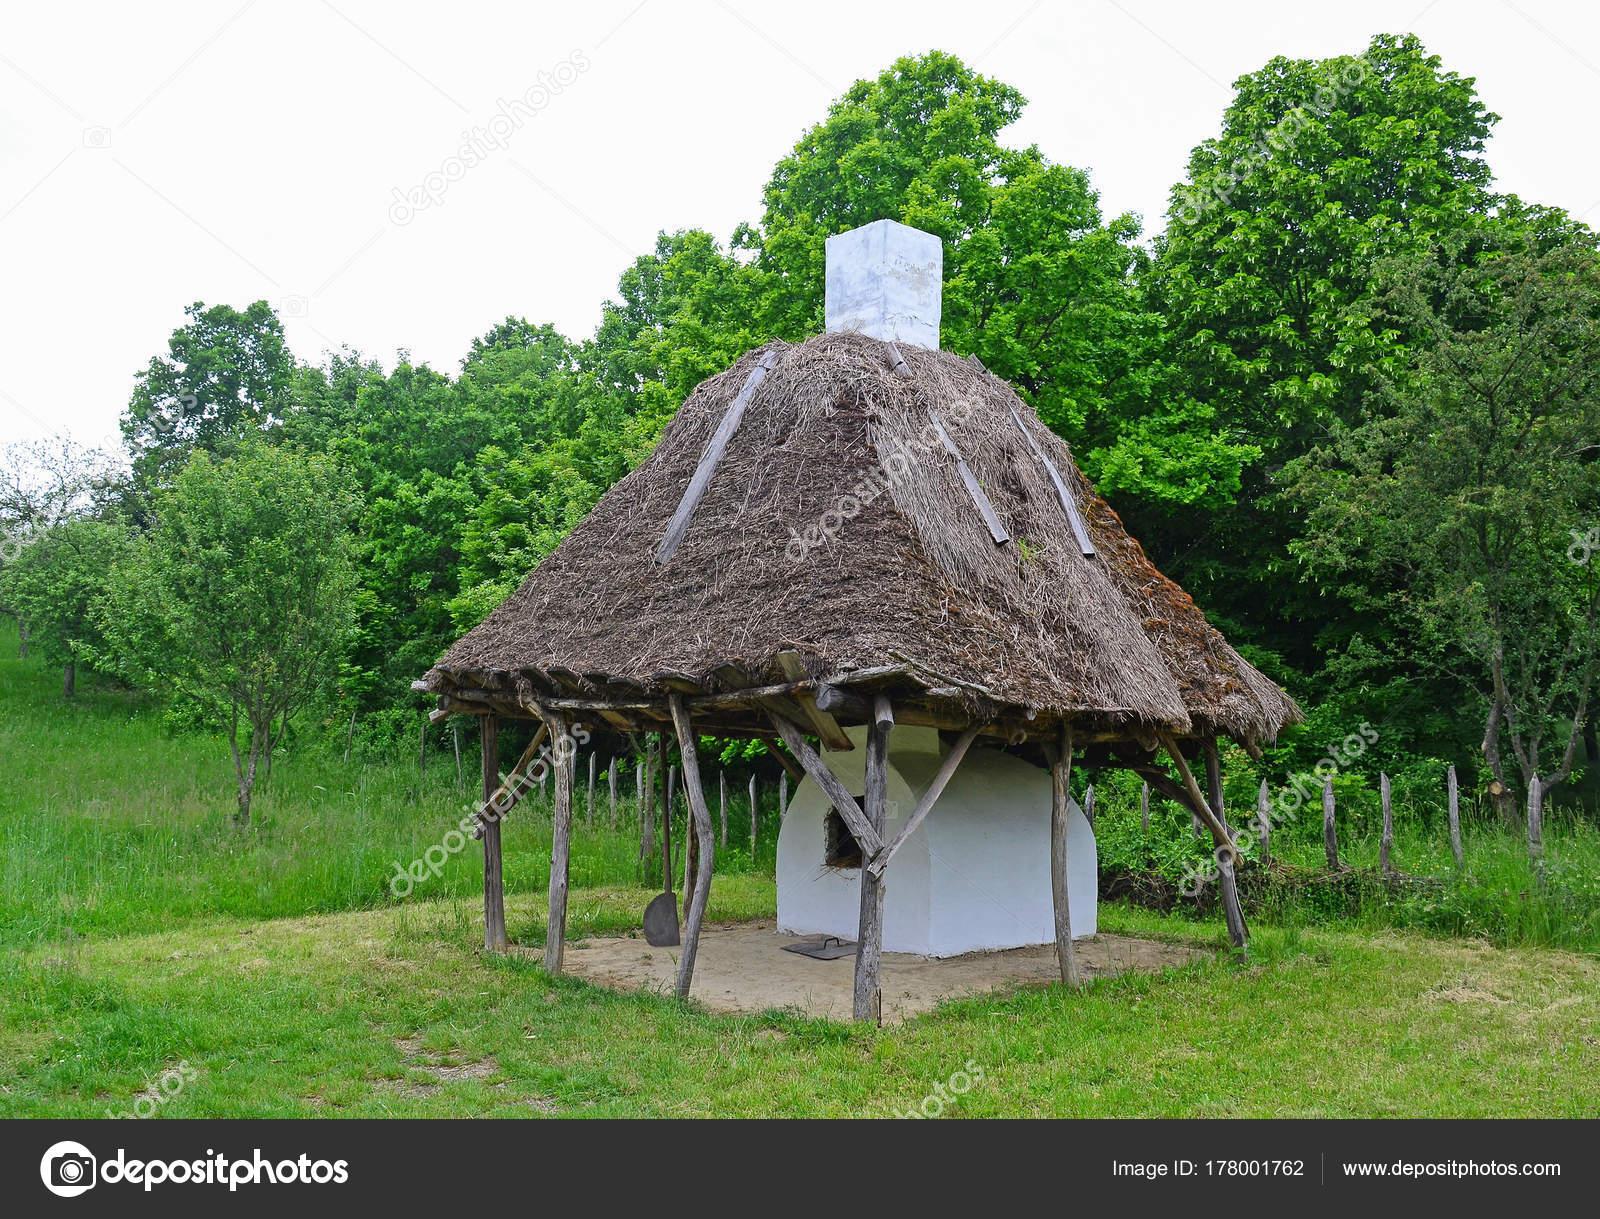 Outdoor Küche Aus Ungarn : Outdoor küche und ofen in ungarn u stockfoto majorosl